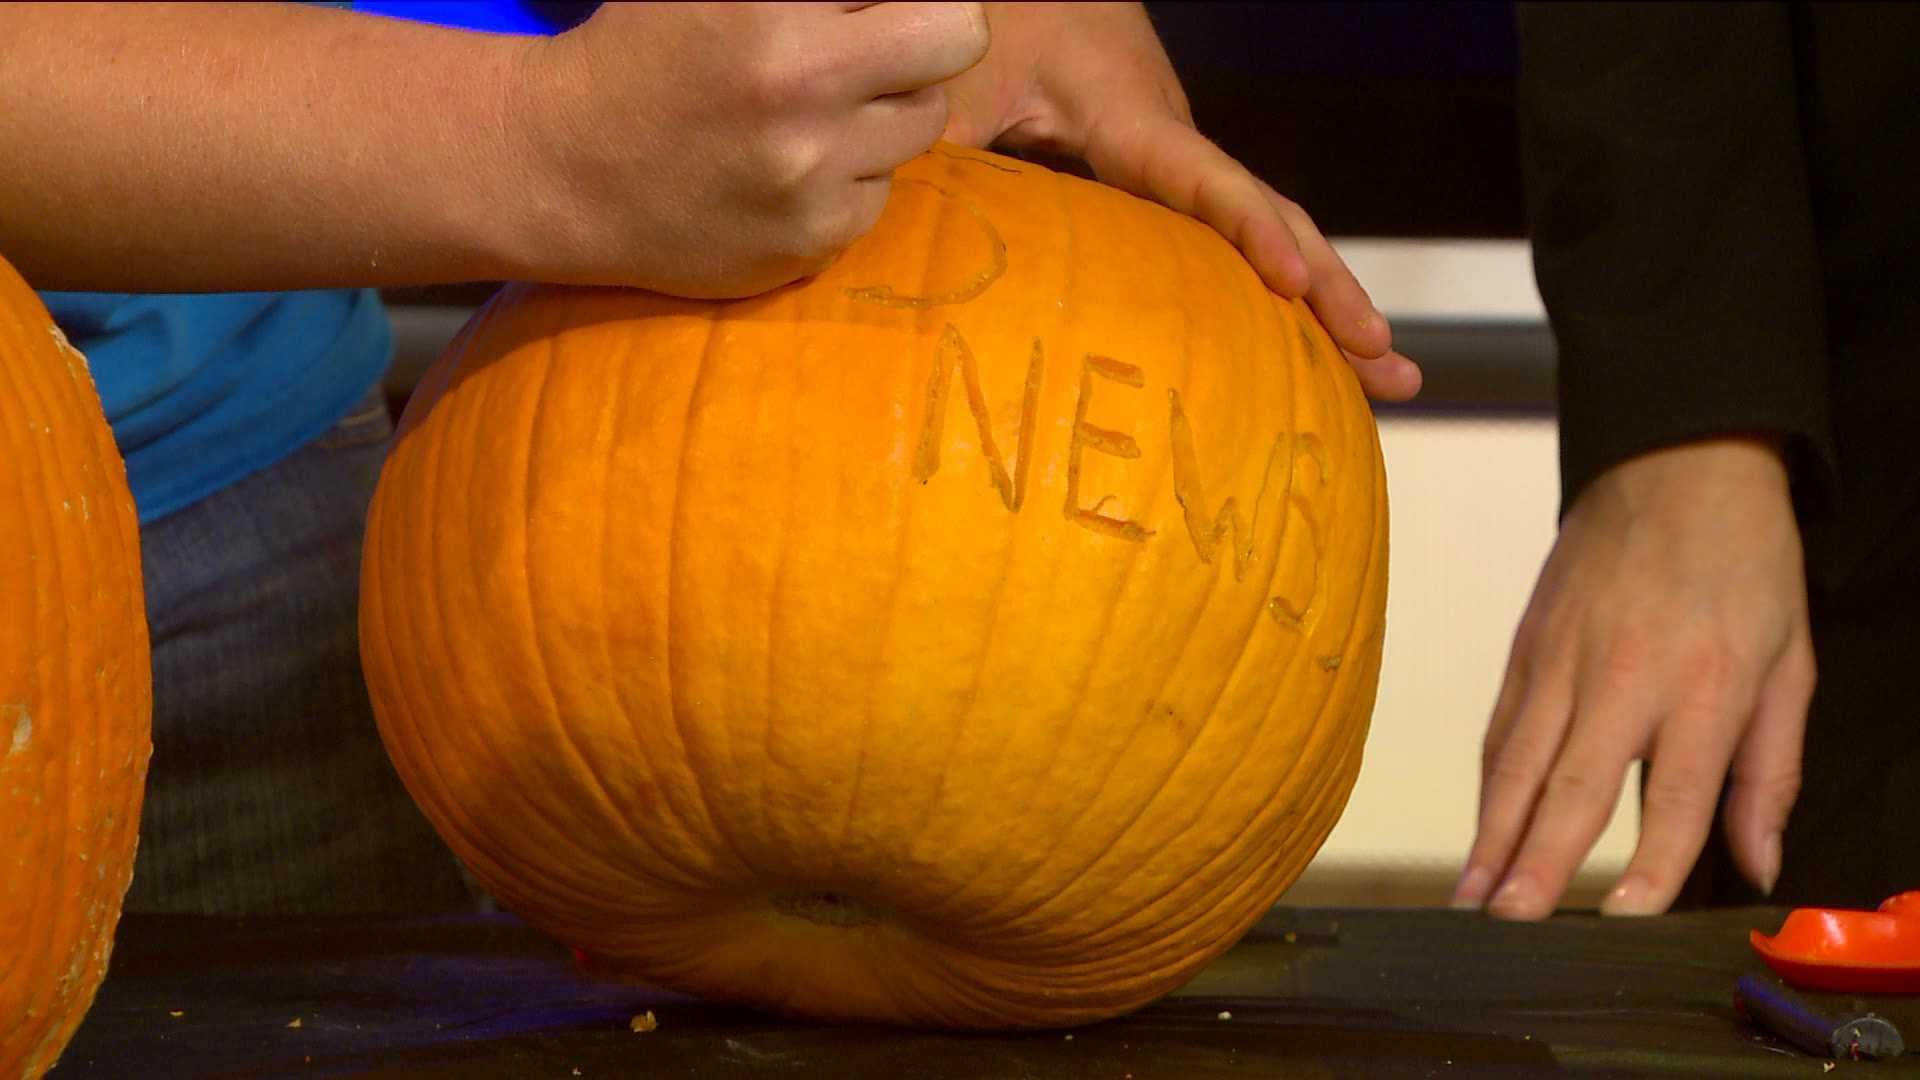 5NEWS Gets its own Pumpkin.